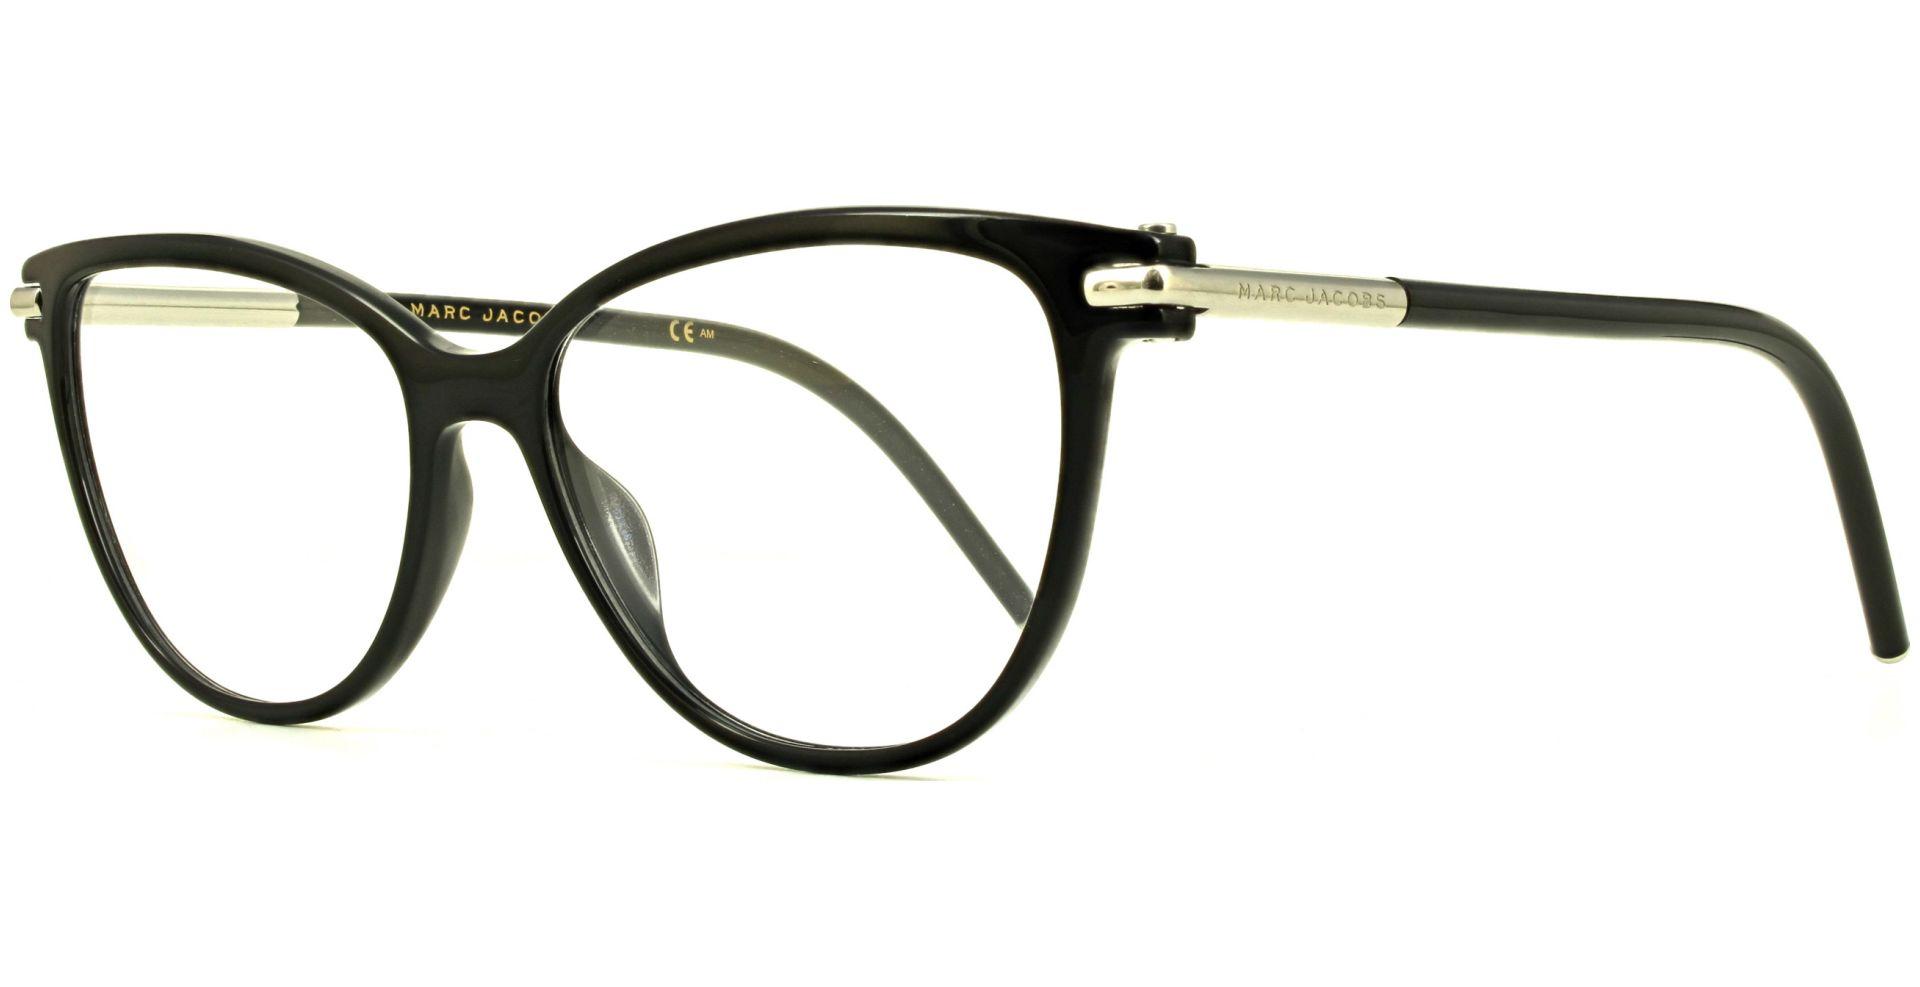 Marc Jacobs - 50 D28 5215 Black - von Lensbest